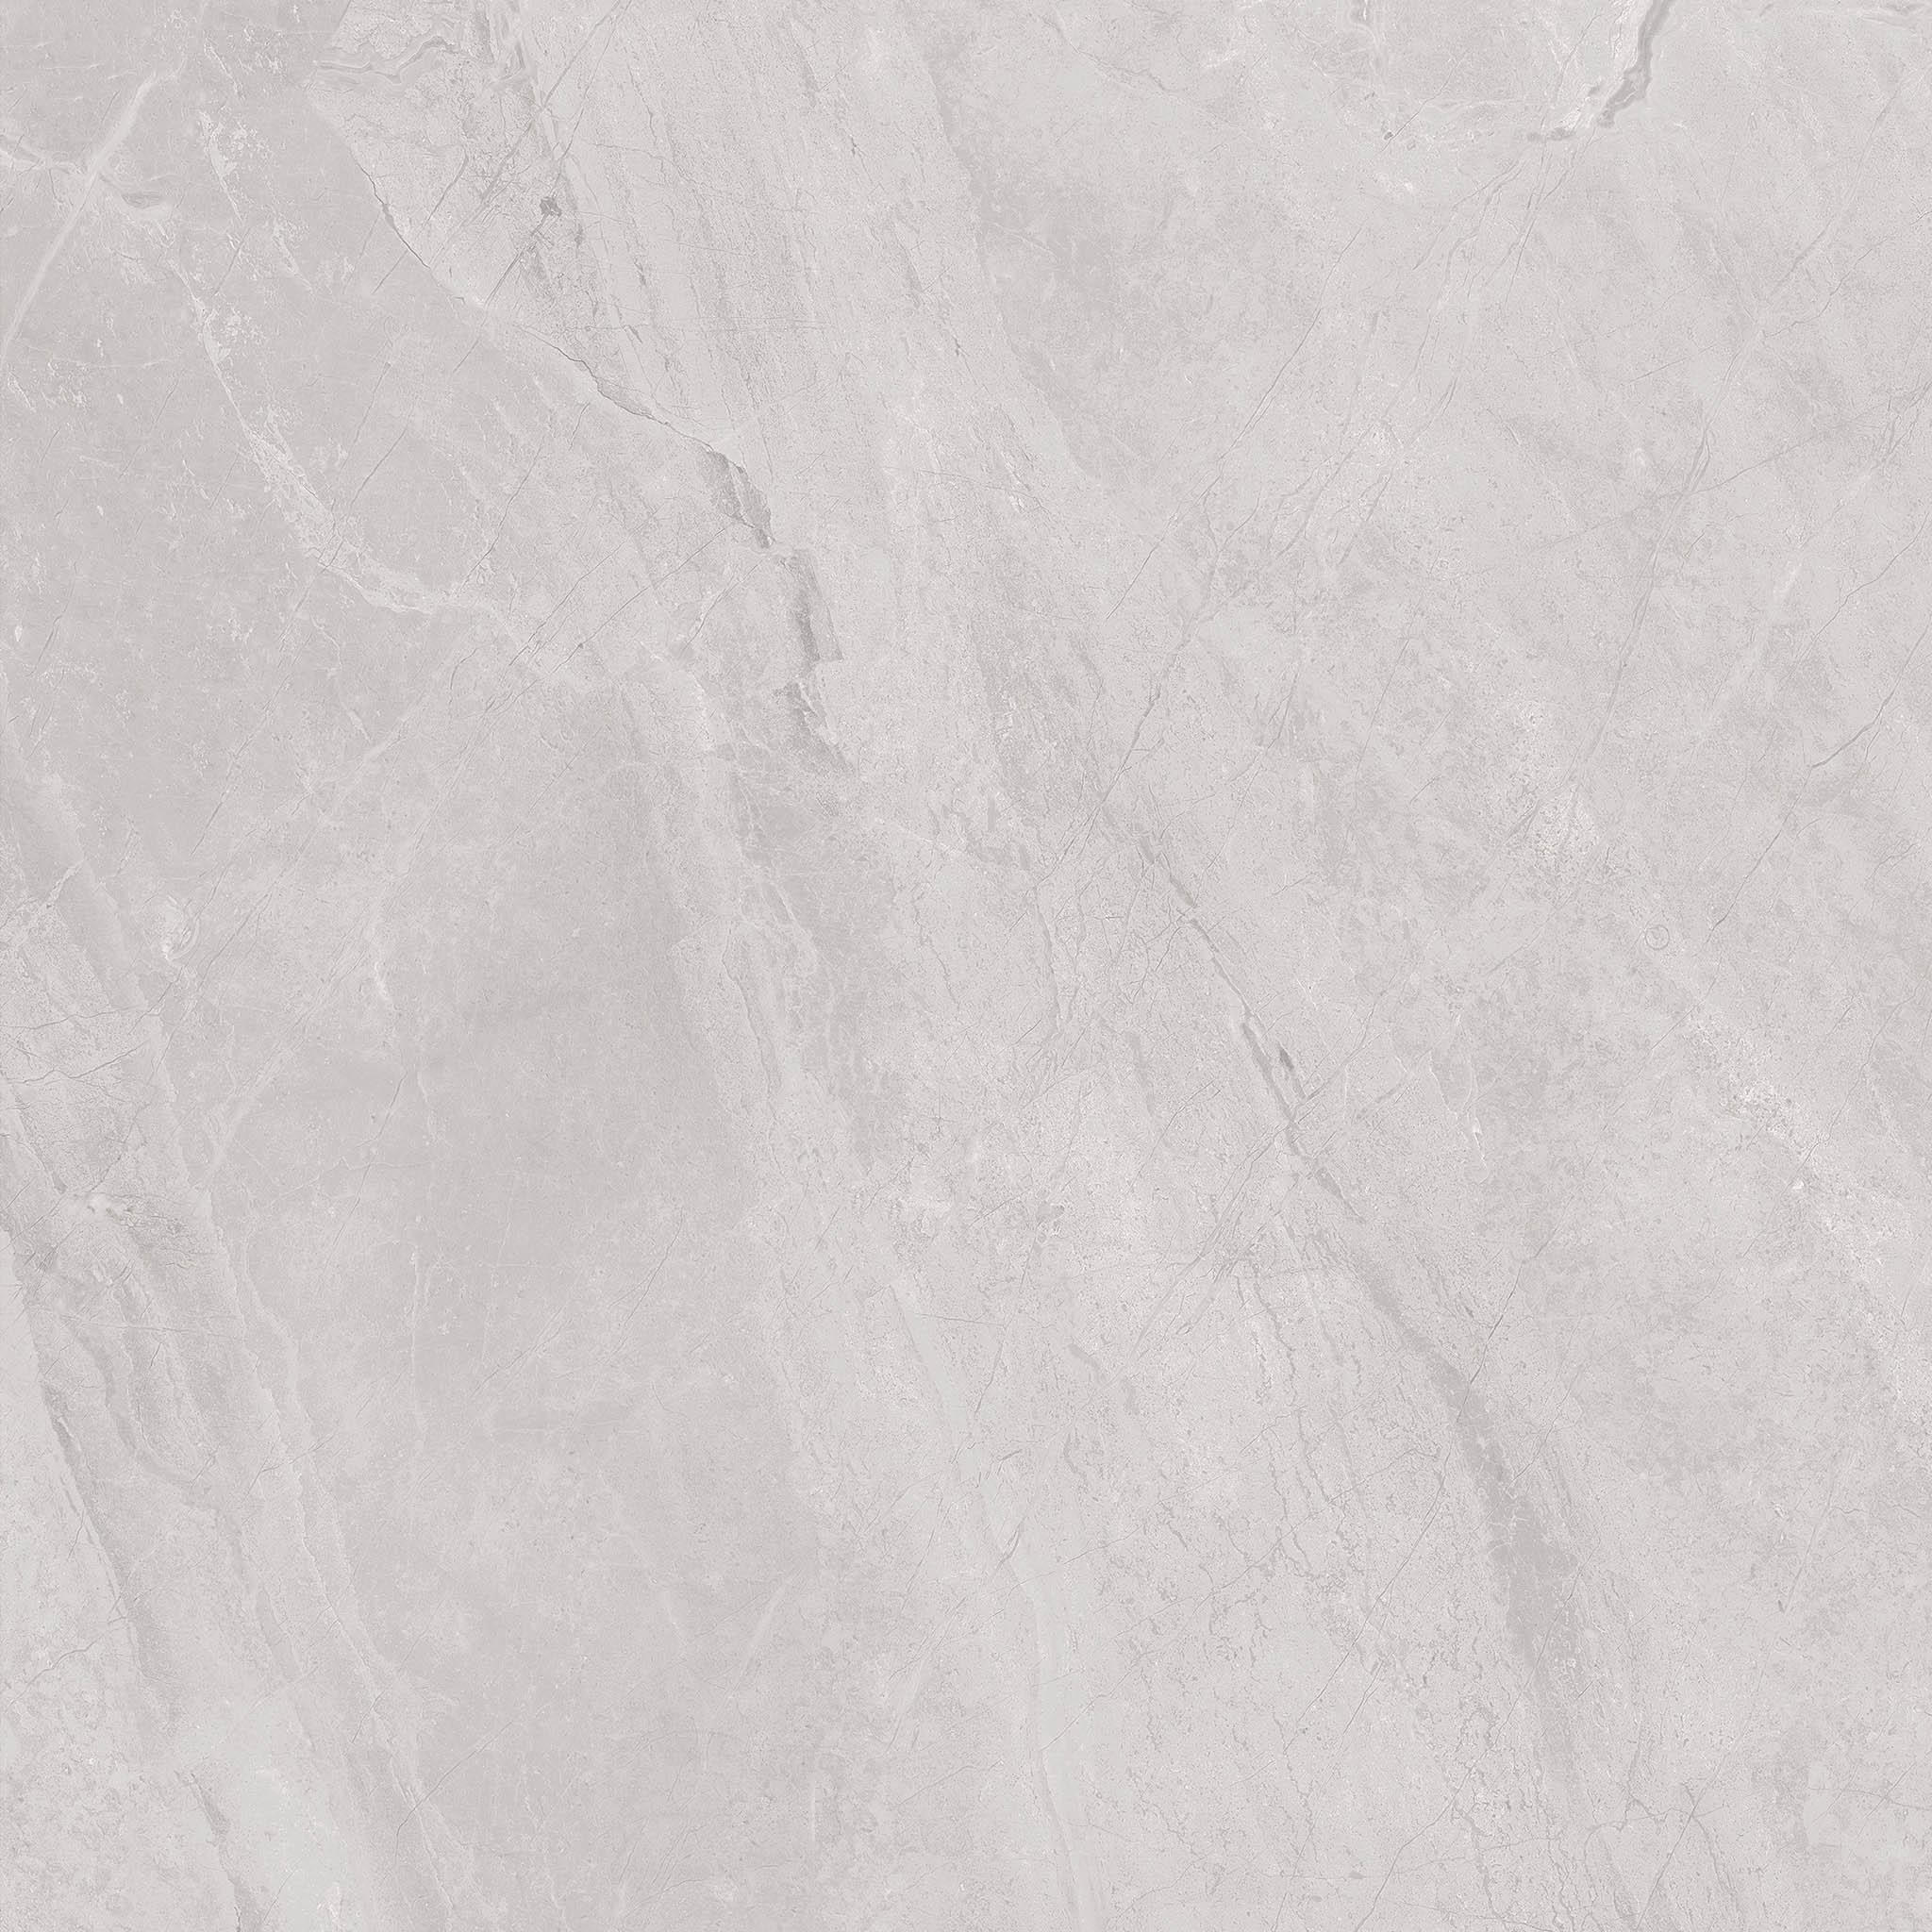 利华800×800通体大理石-P8T07L1凯撒灰